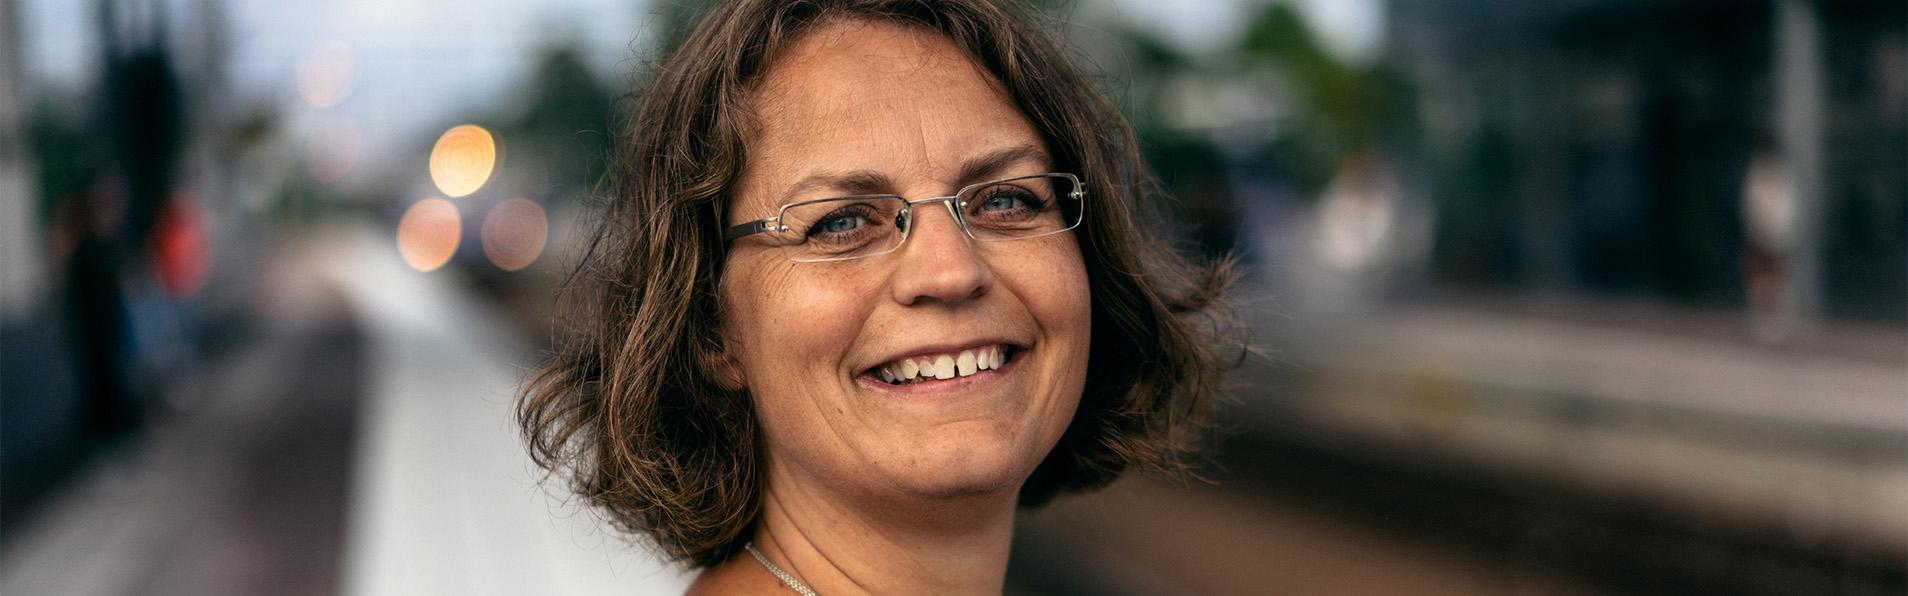 Helle Zetterberg är glad på perrongen